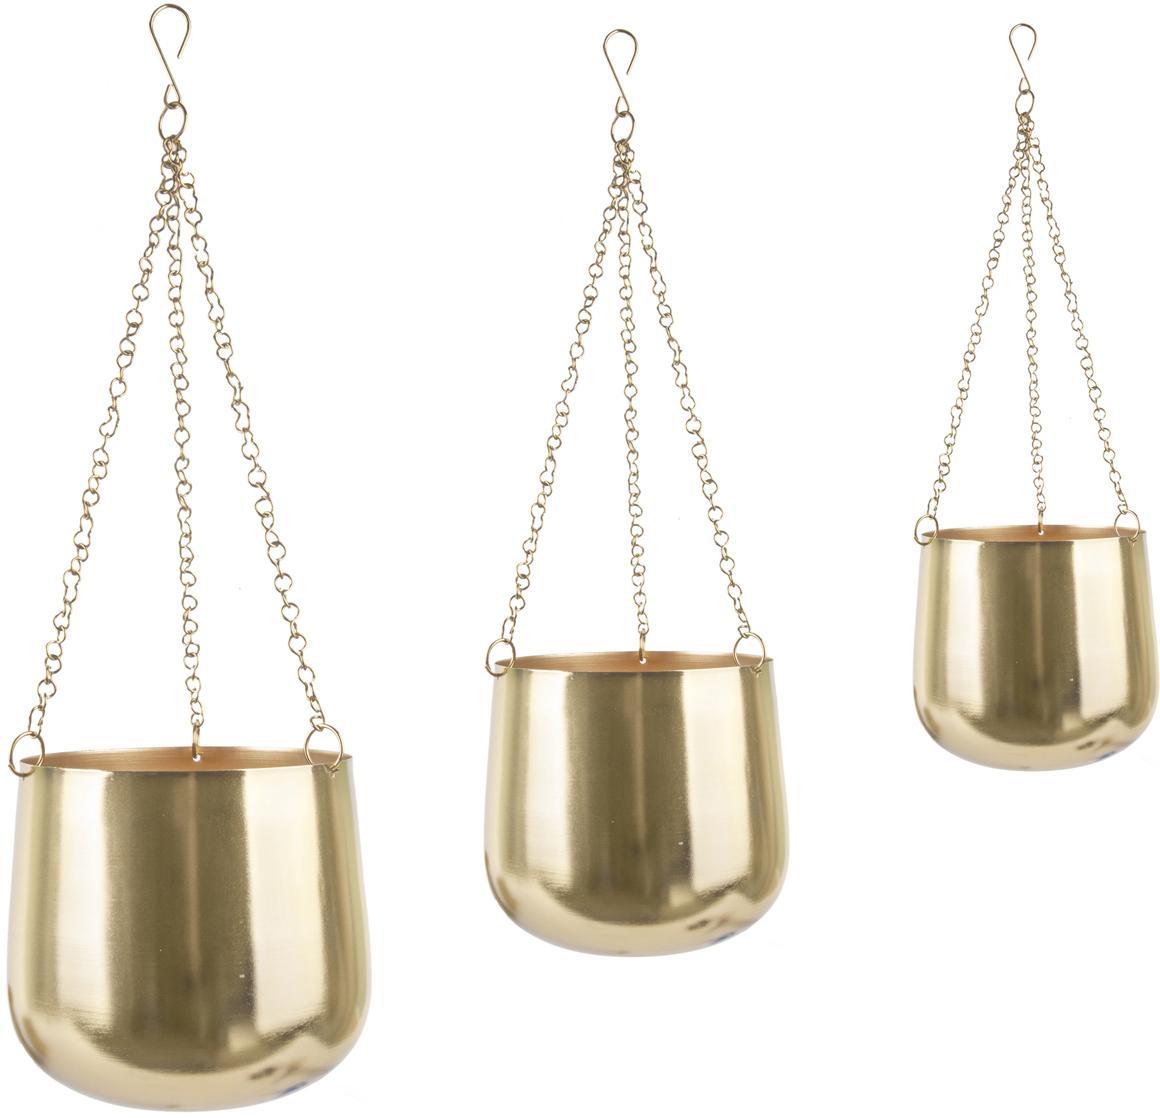 Hangende plantenpottenset Cask van metaal, 3-delig, Gelakt metaal, Goudkleurig, Set met verschillende formaten